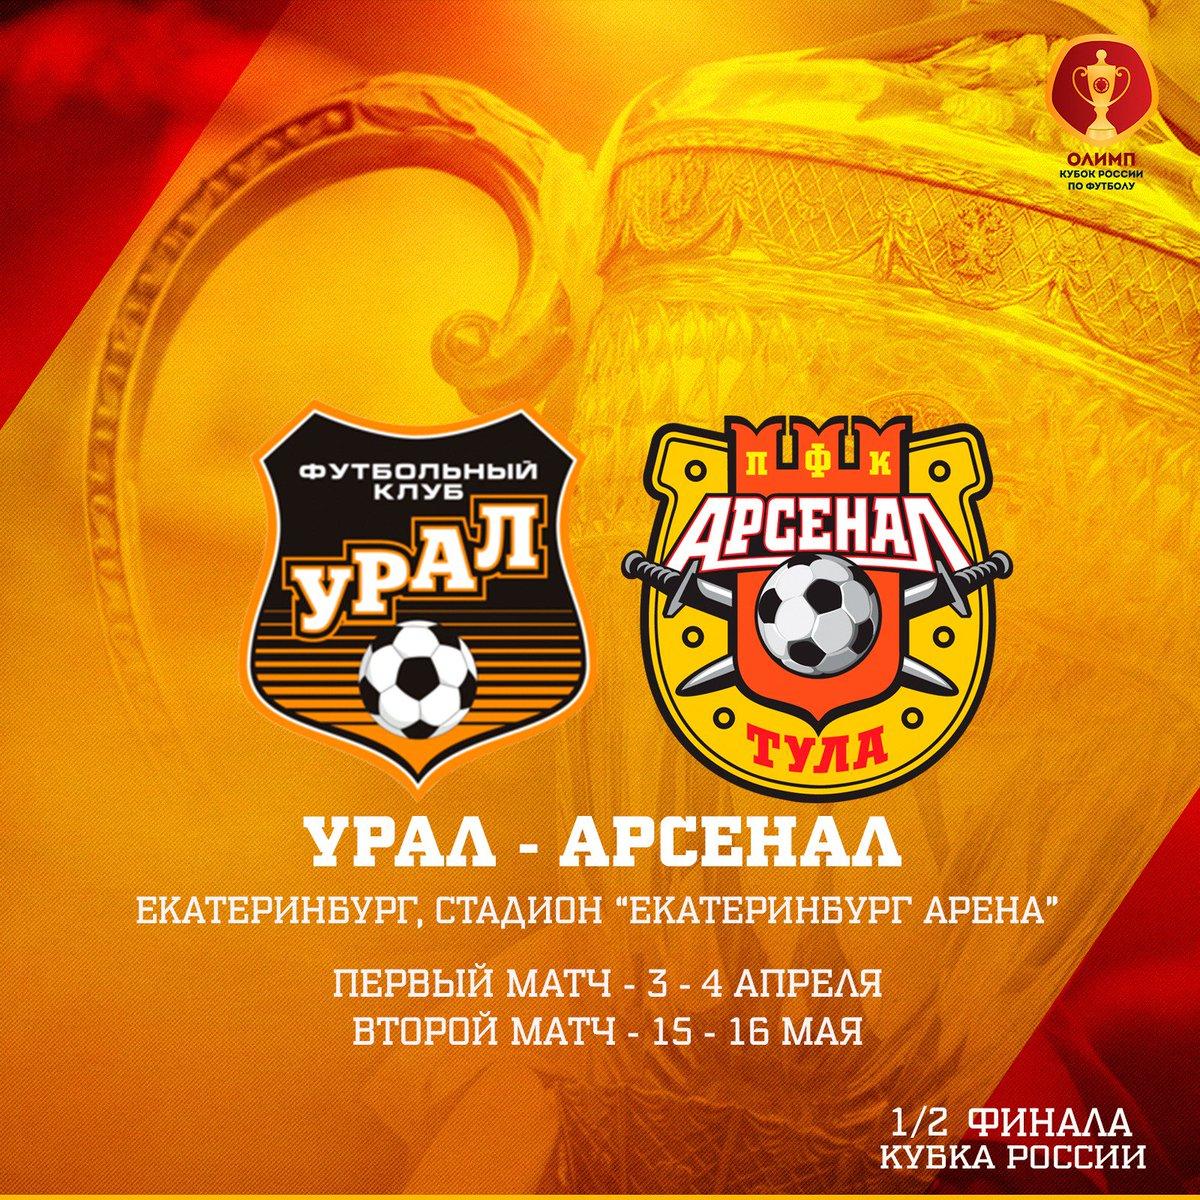 045a95c4 ПФК Арсенал on Twitter: